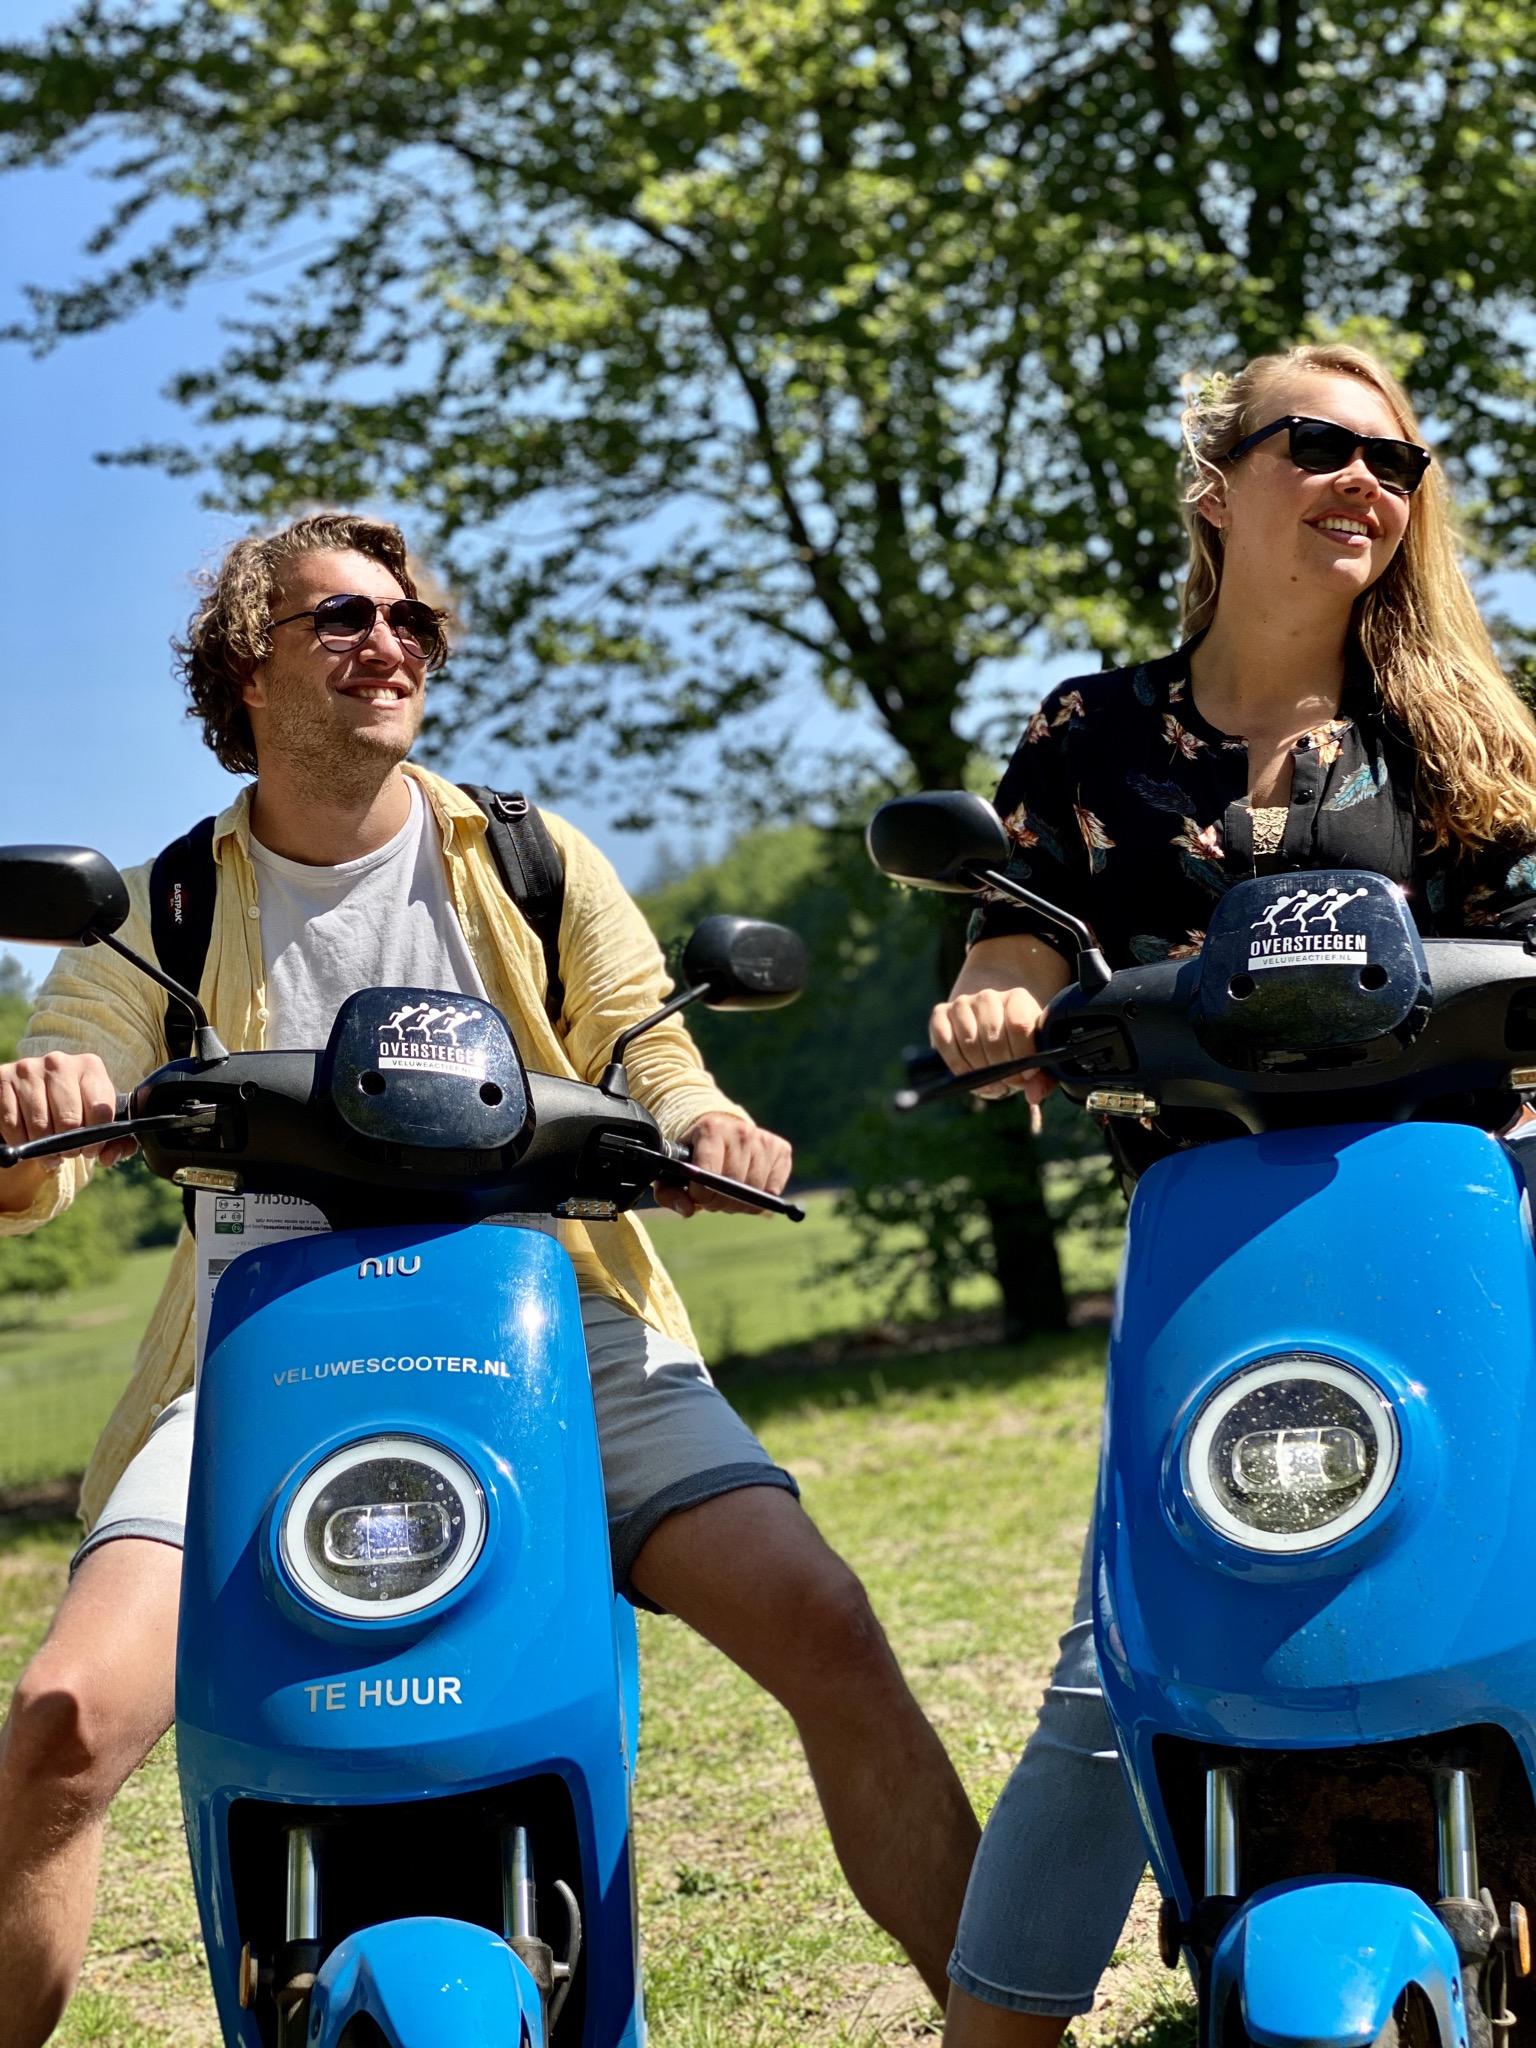 Blauwe VeluweScooter